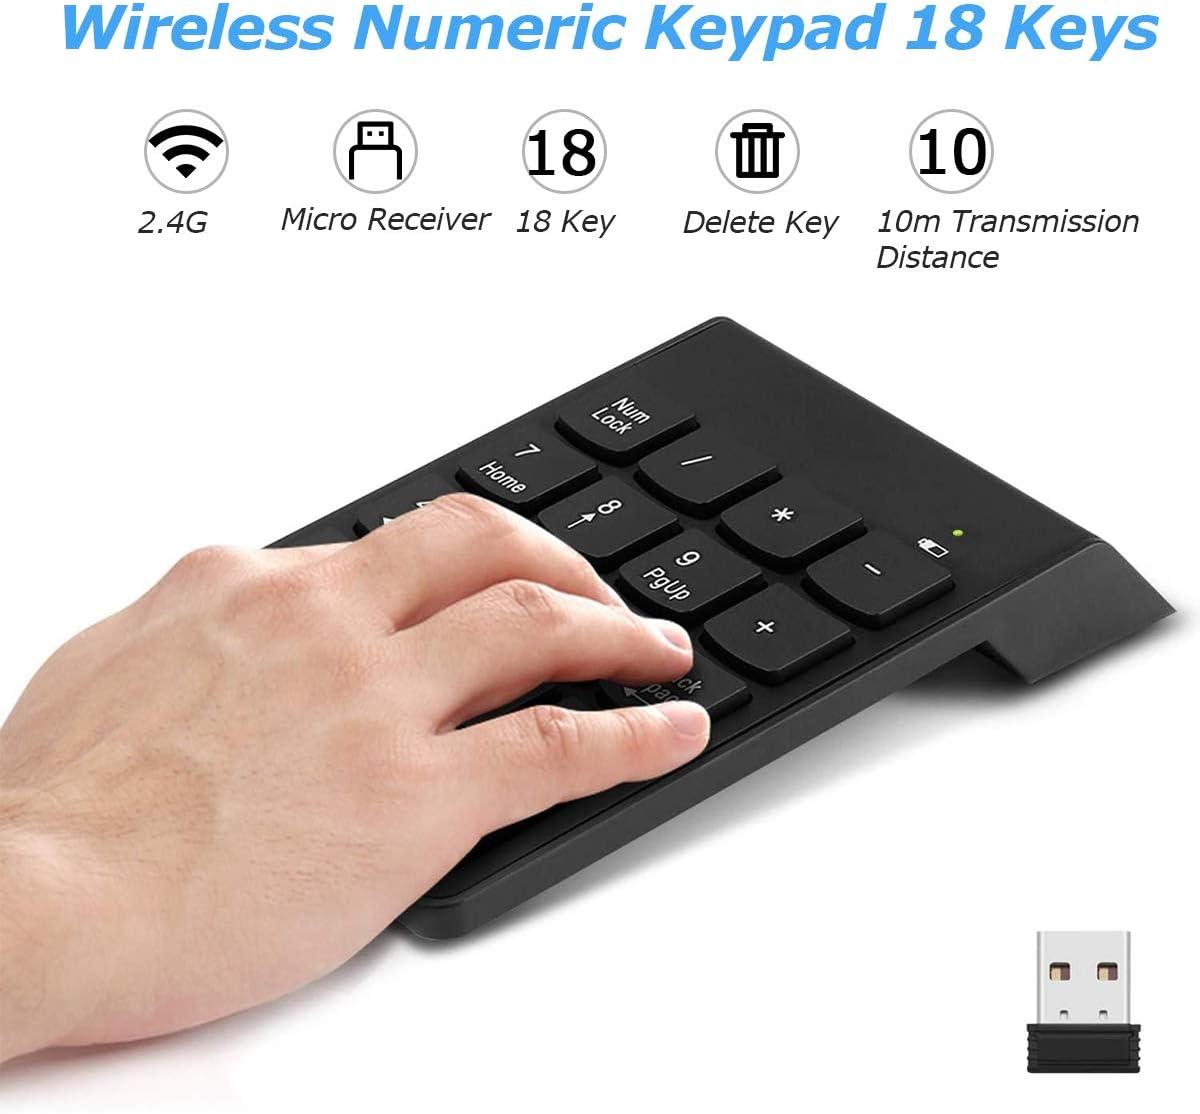 Wireless Keyboard 18 Keys 2.4GHz Mini USB Numeric Keypad Computer Accessories